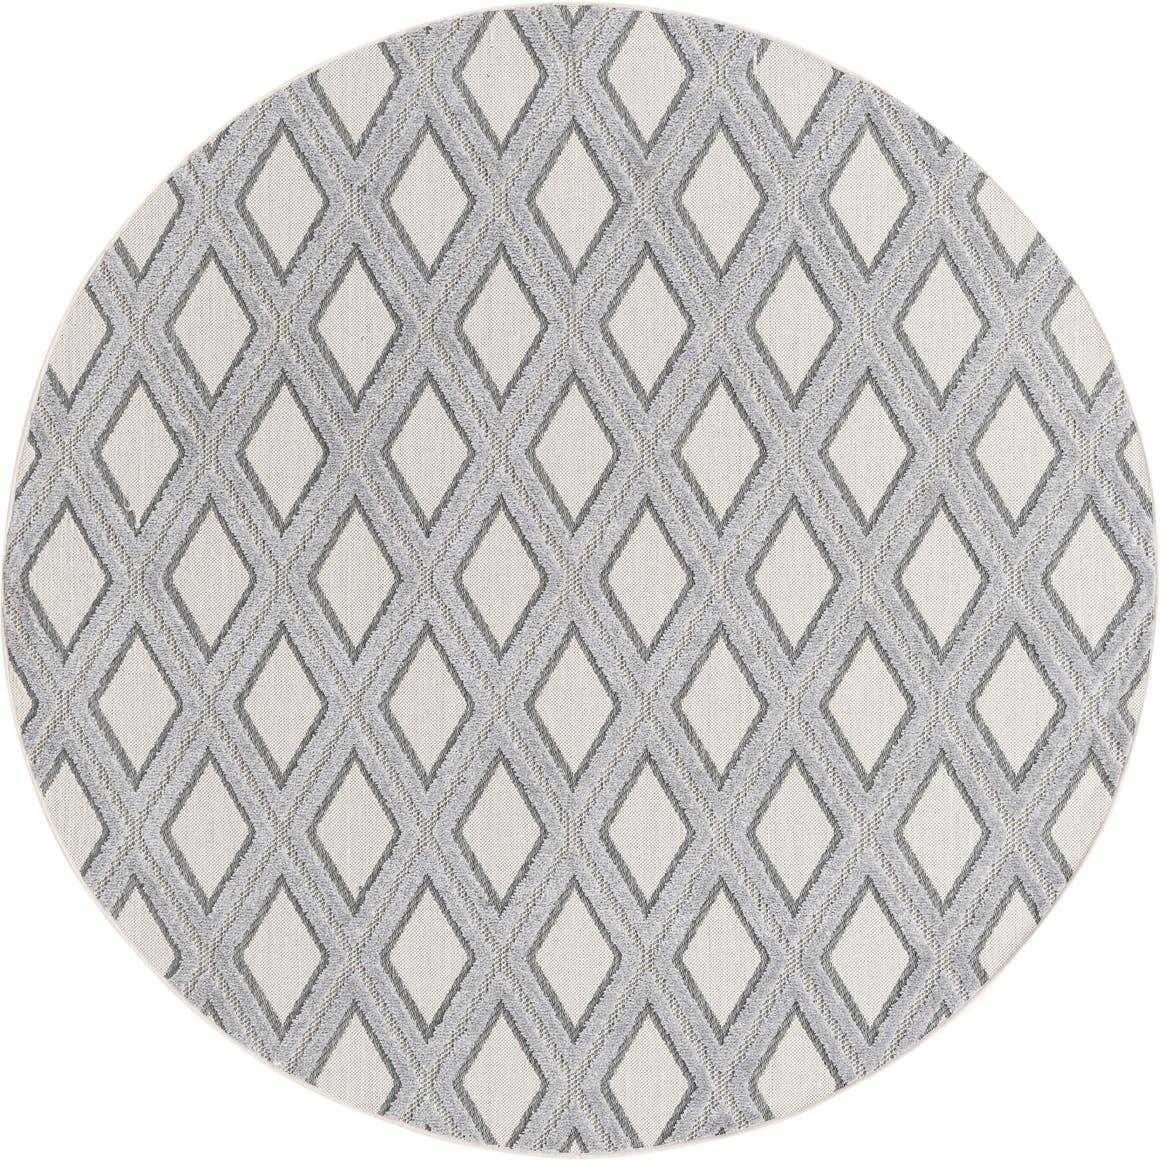 7' x 7' Arlo Round Rug main image